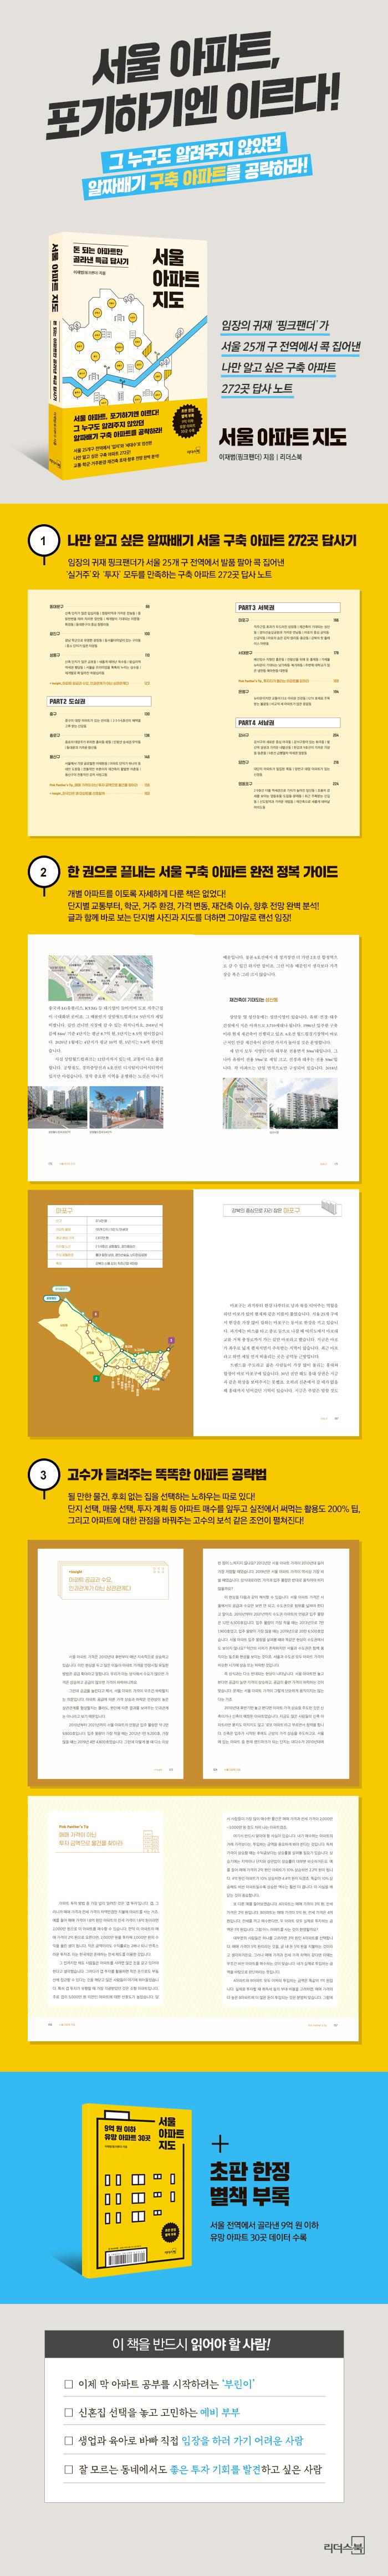 서울 아파트 지도 도서 상세이미지